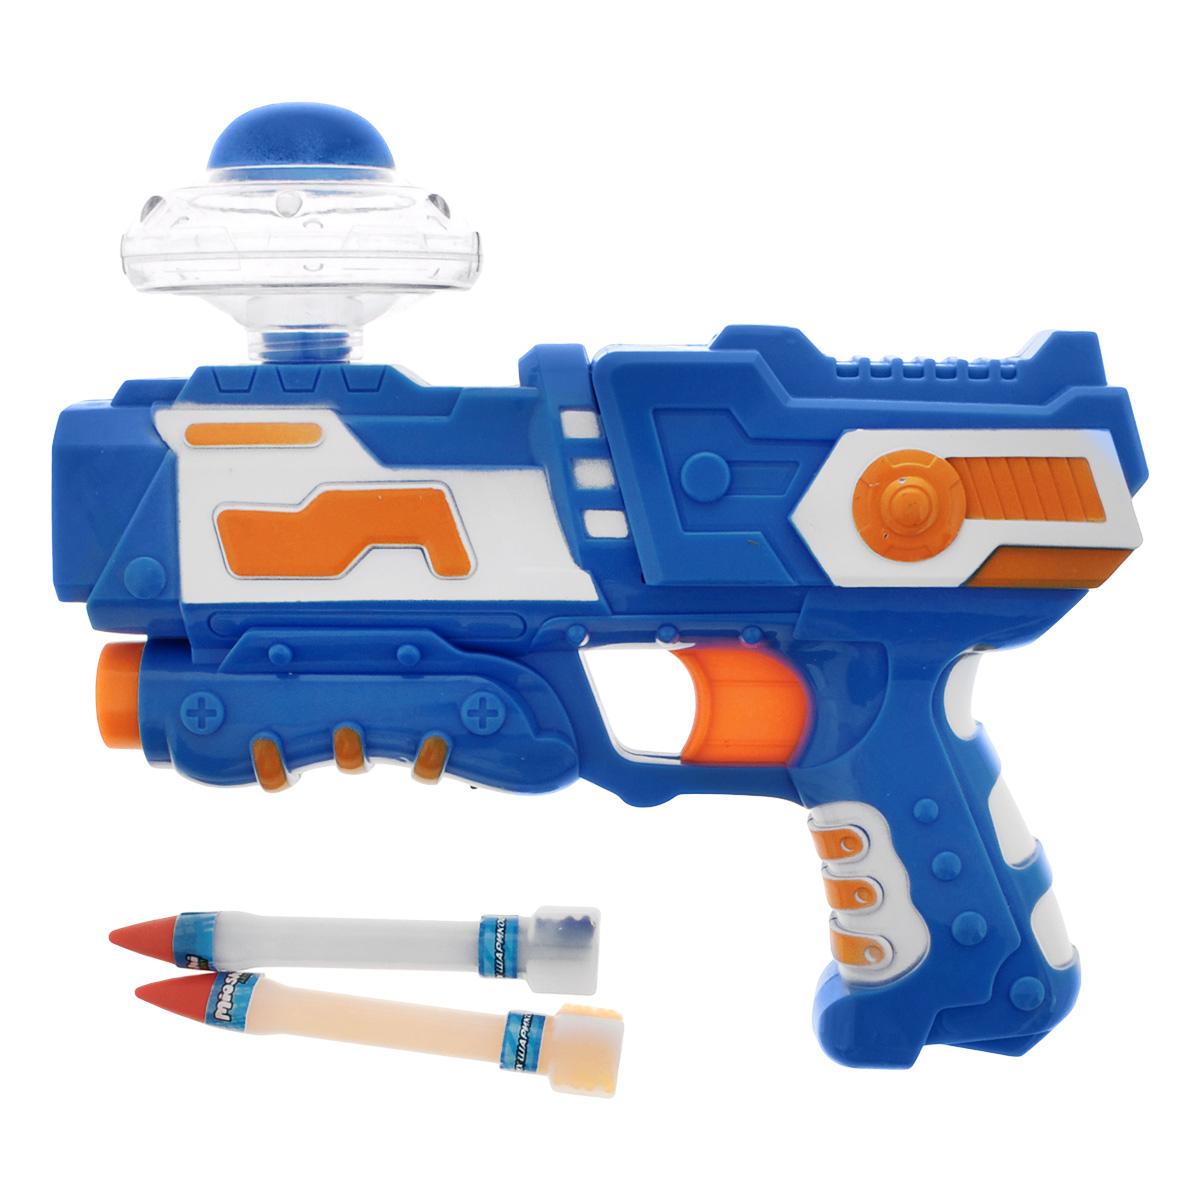 Бластер Mioshi Army Меткий стрелок, цвет: голубойMAR1106-005Бластер Mioshi Army Меткий стрелок безусловно, понравится любому мальчишке, который любит войнушки и стрелялки. Помимо превосходной детализации, такая уникальная копия бластера с лазерным прицелом порадует детишек и функциональными возможностями. К игрушечному оружию прилагается 1000 шариков из водного полимера. Основными преимуществами игрушечного оружия от ТМ Mioshi Army являются: яркий и стильный дизайн, качественно проработанные детали, полная функциональность, эргономичная и удобная для захвата детскими ручками форма, реалистичность стрельбы. Все составляющие набора выполнены из качественного материала, абсолютно безопасного для детской игры. В набор входит 1000 гелевых шариков. Длина бластера - 18 см. Для работы прицела требуются 3 батарейки AG13 (входят в комплект).